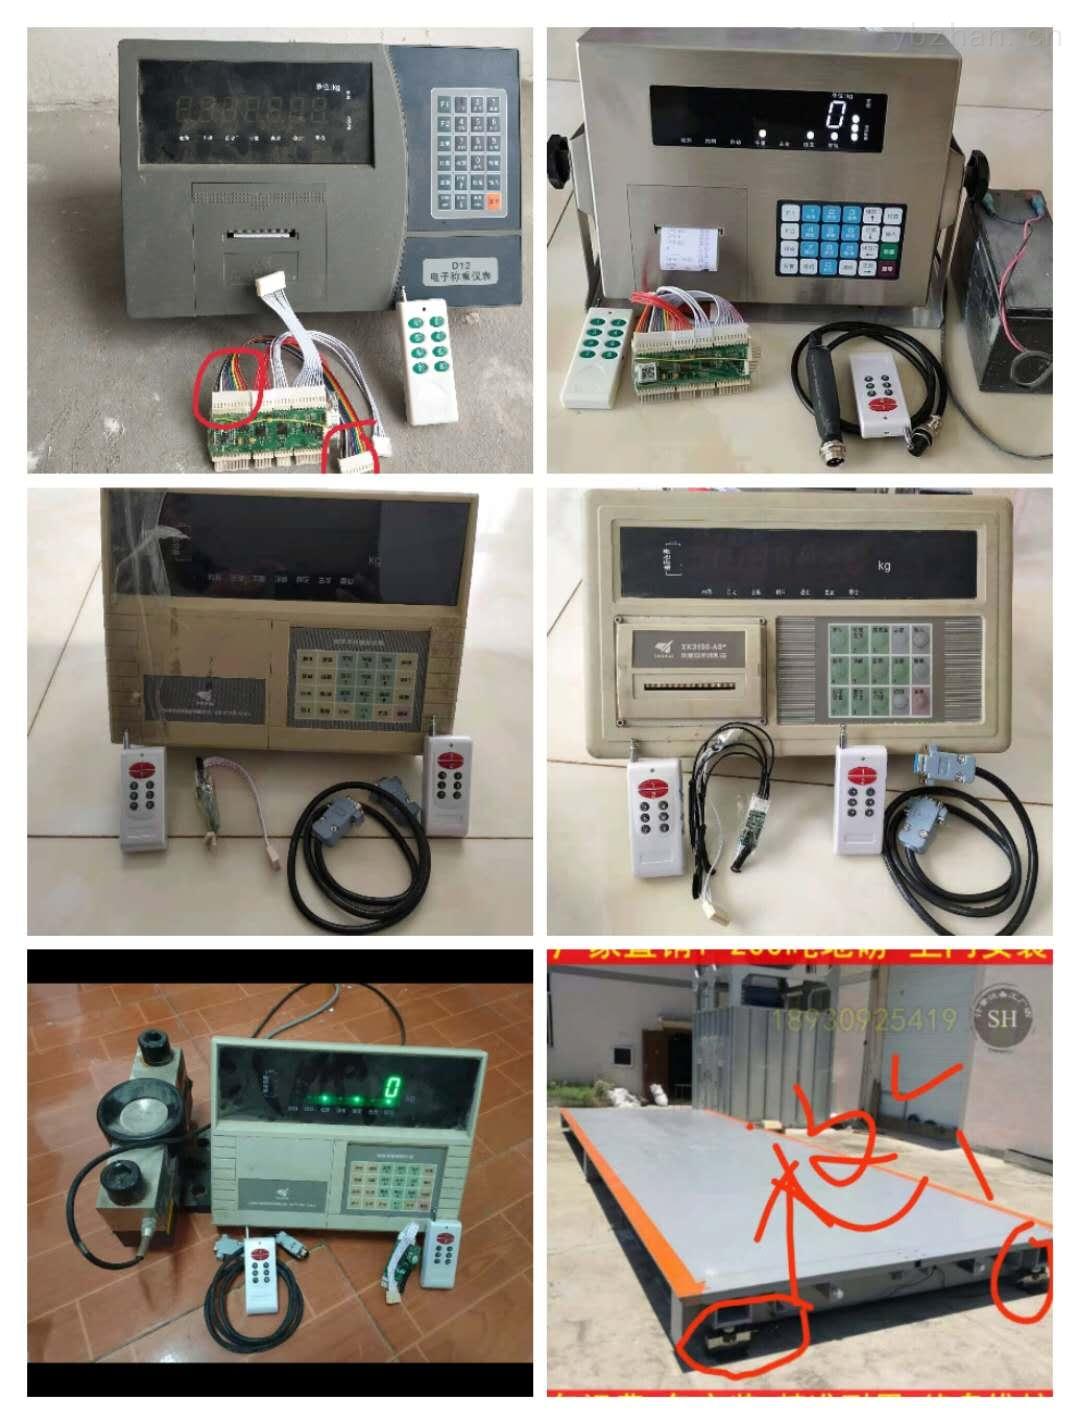 淮安宇帆电子地磅衡器无线遥控器有限公司